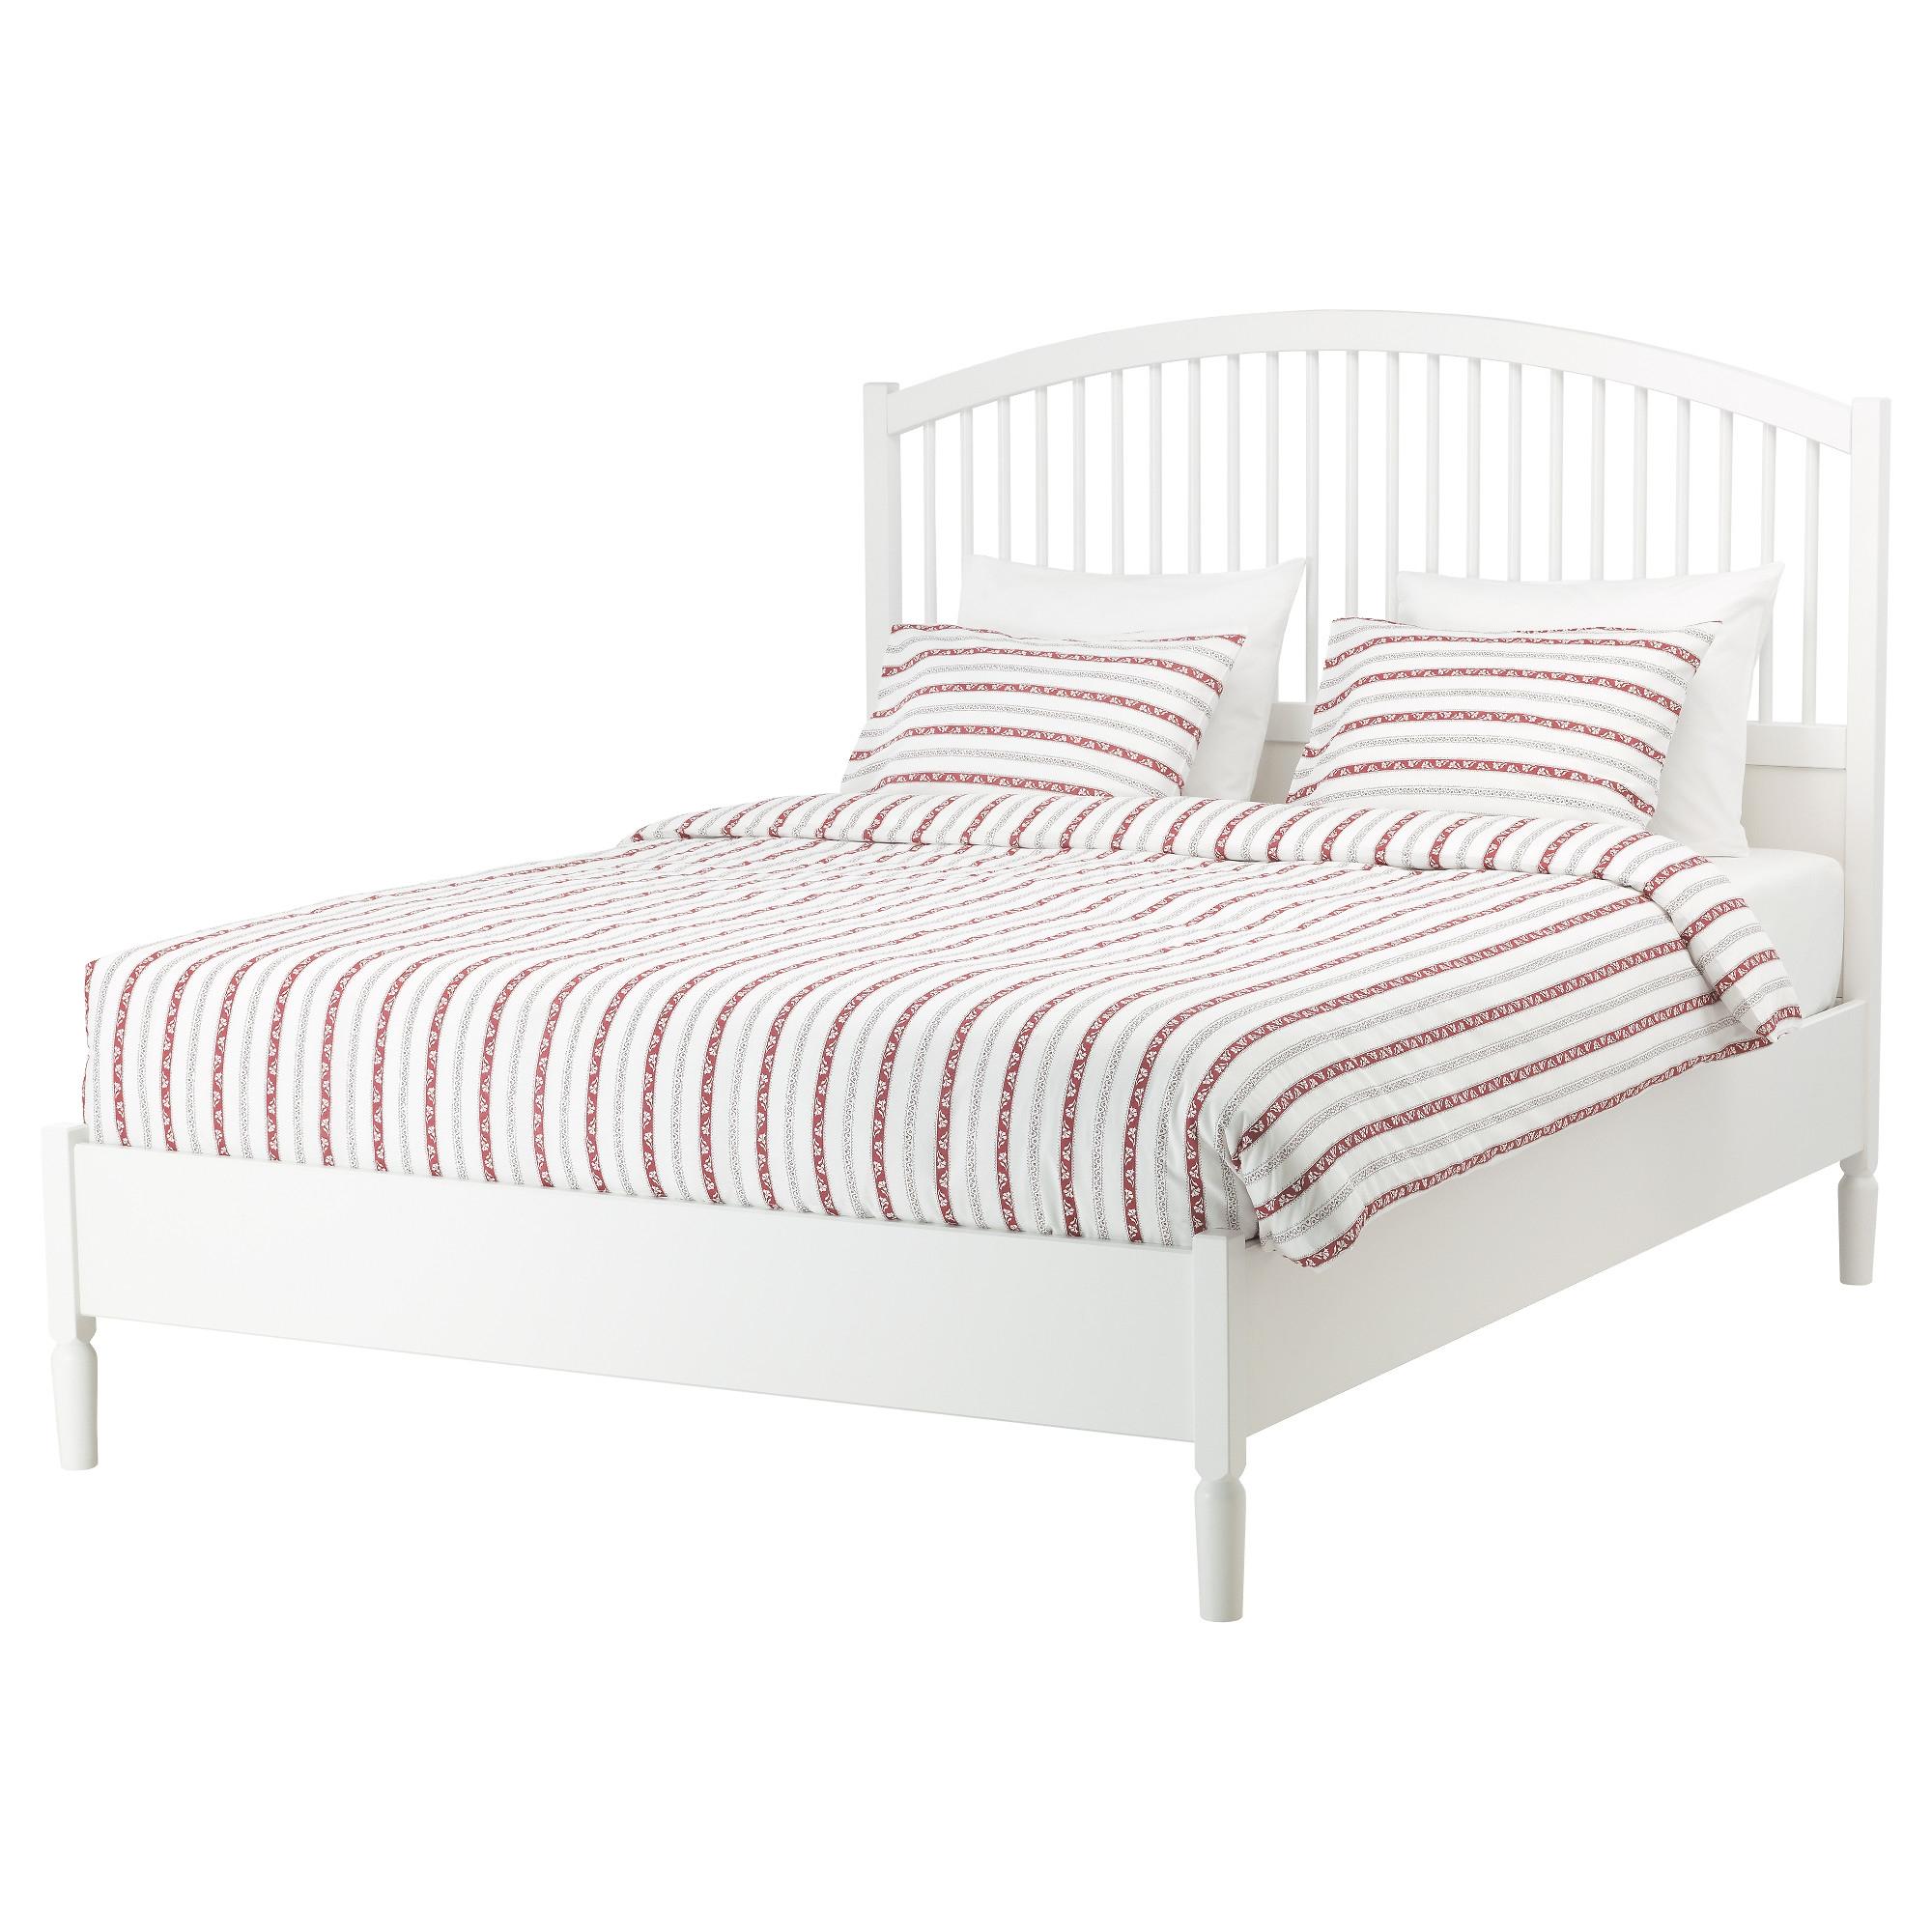 Ikea Schreibtisch Neu Lackieren ~ TYSSEDAL bed frame